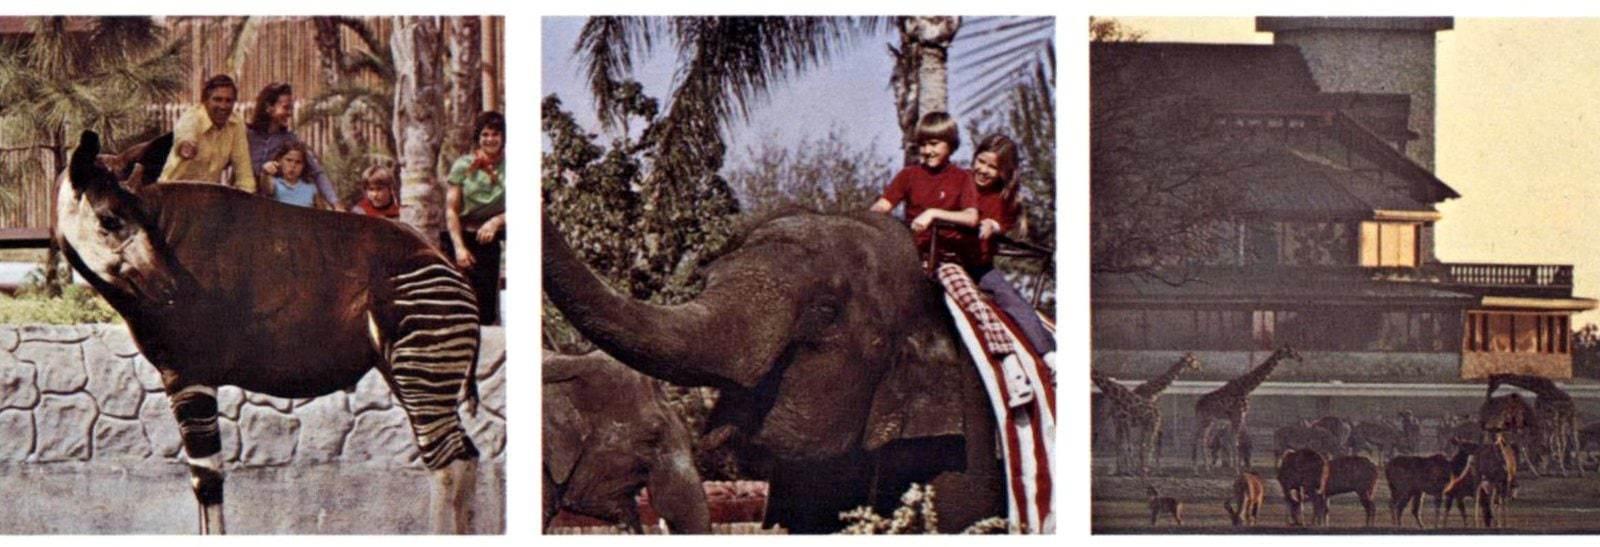 Vintage Busch Gardens in the 1970s (4)